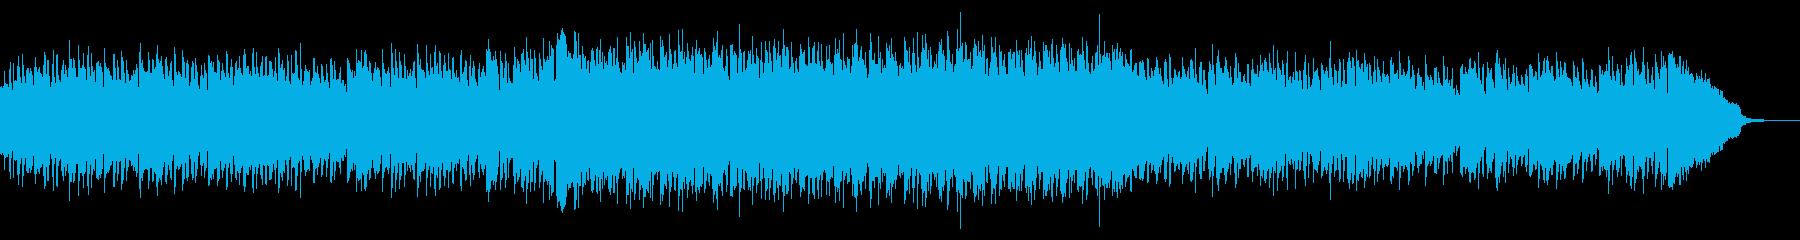 エキサイティングな夏のCM用ハウスの再生済みの波形